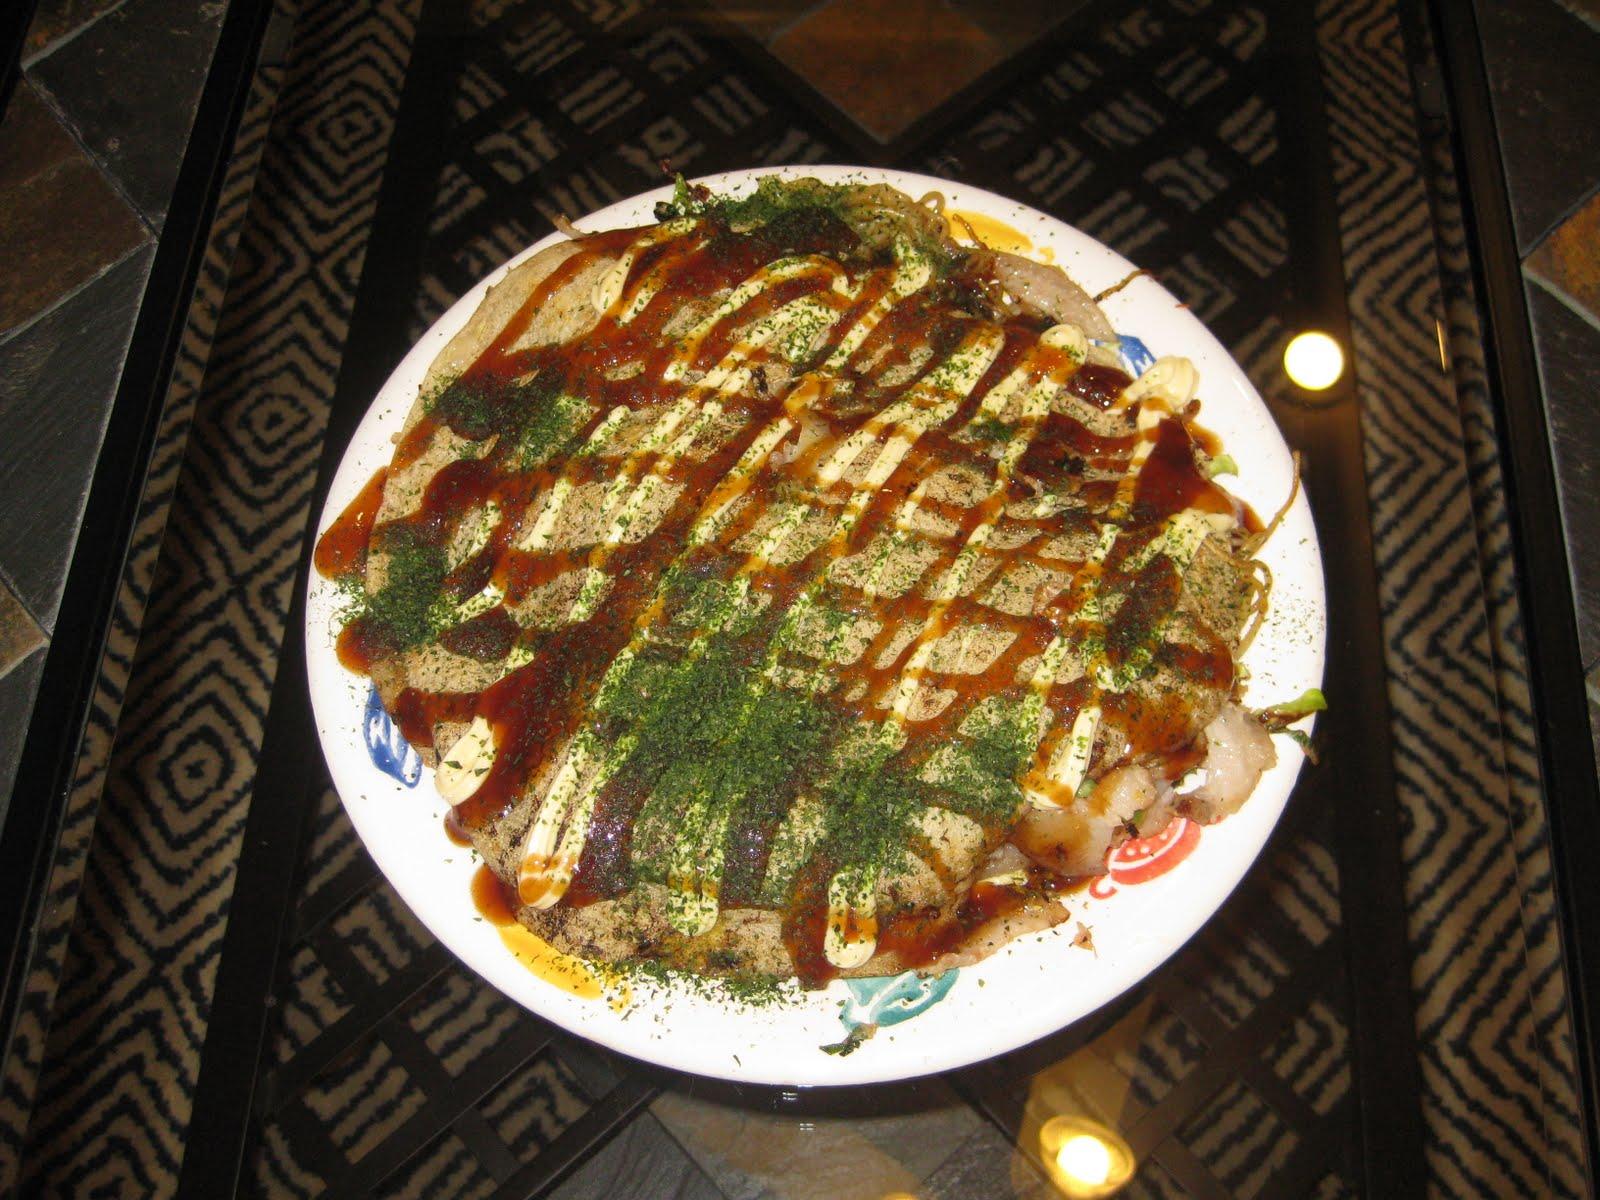 ... okonomiyaki hiroshima style i am from hiroshima we serve osaka style